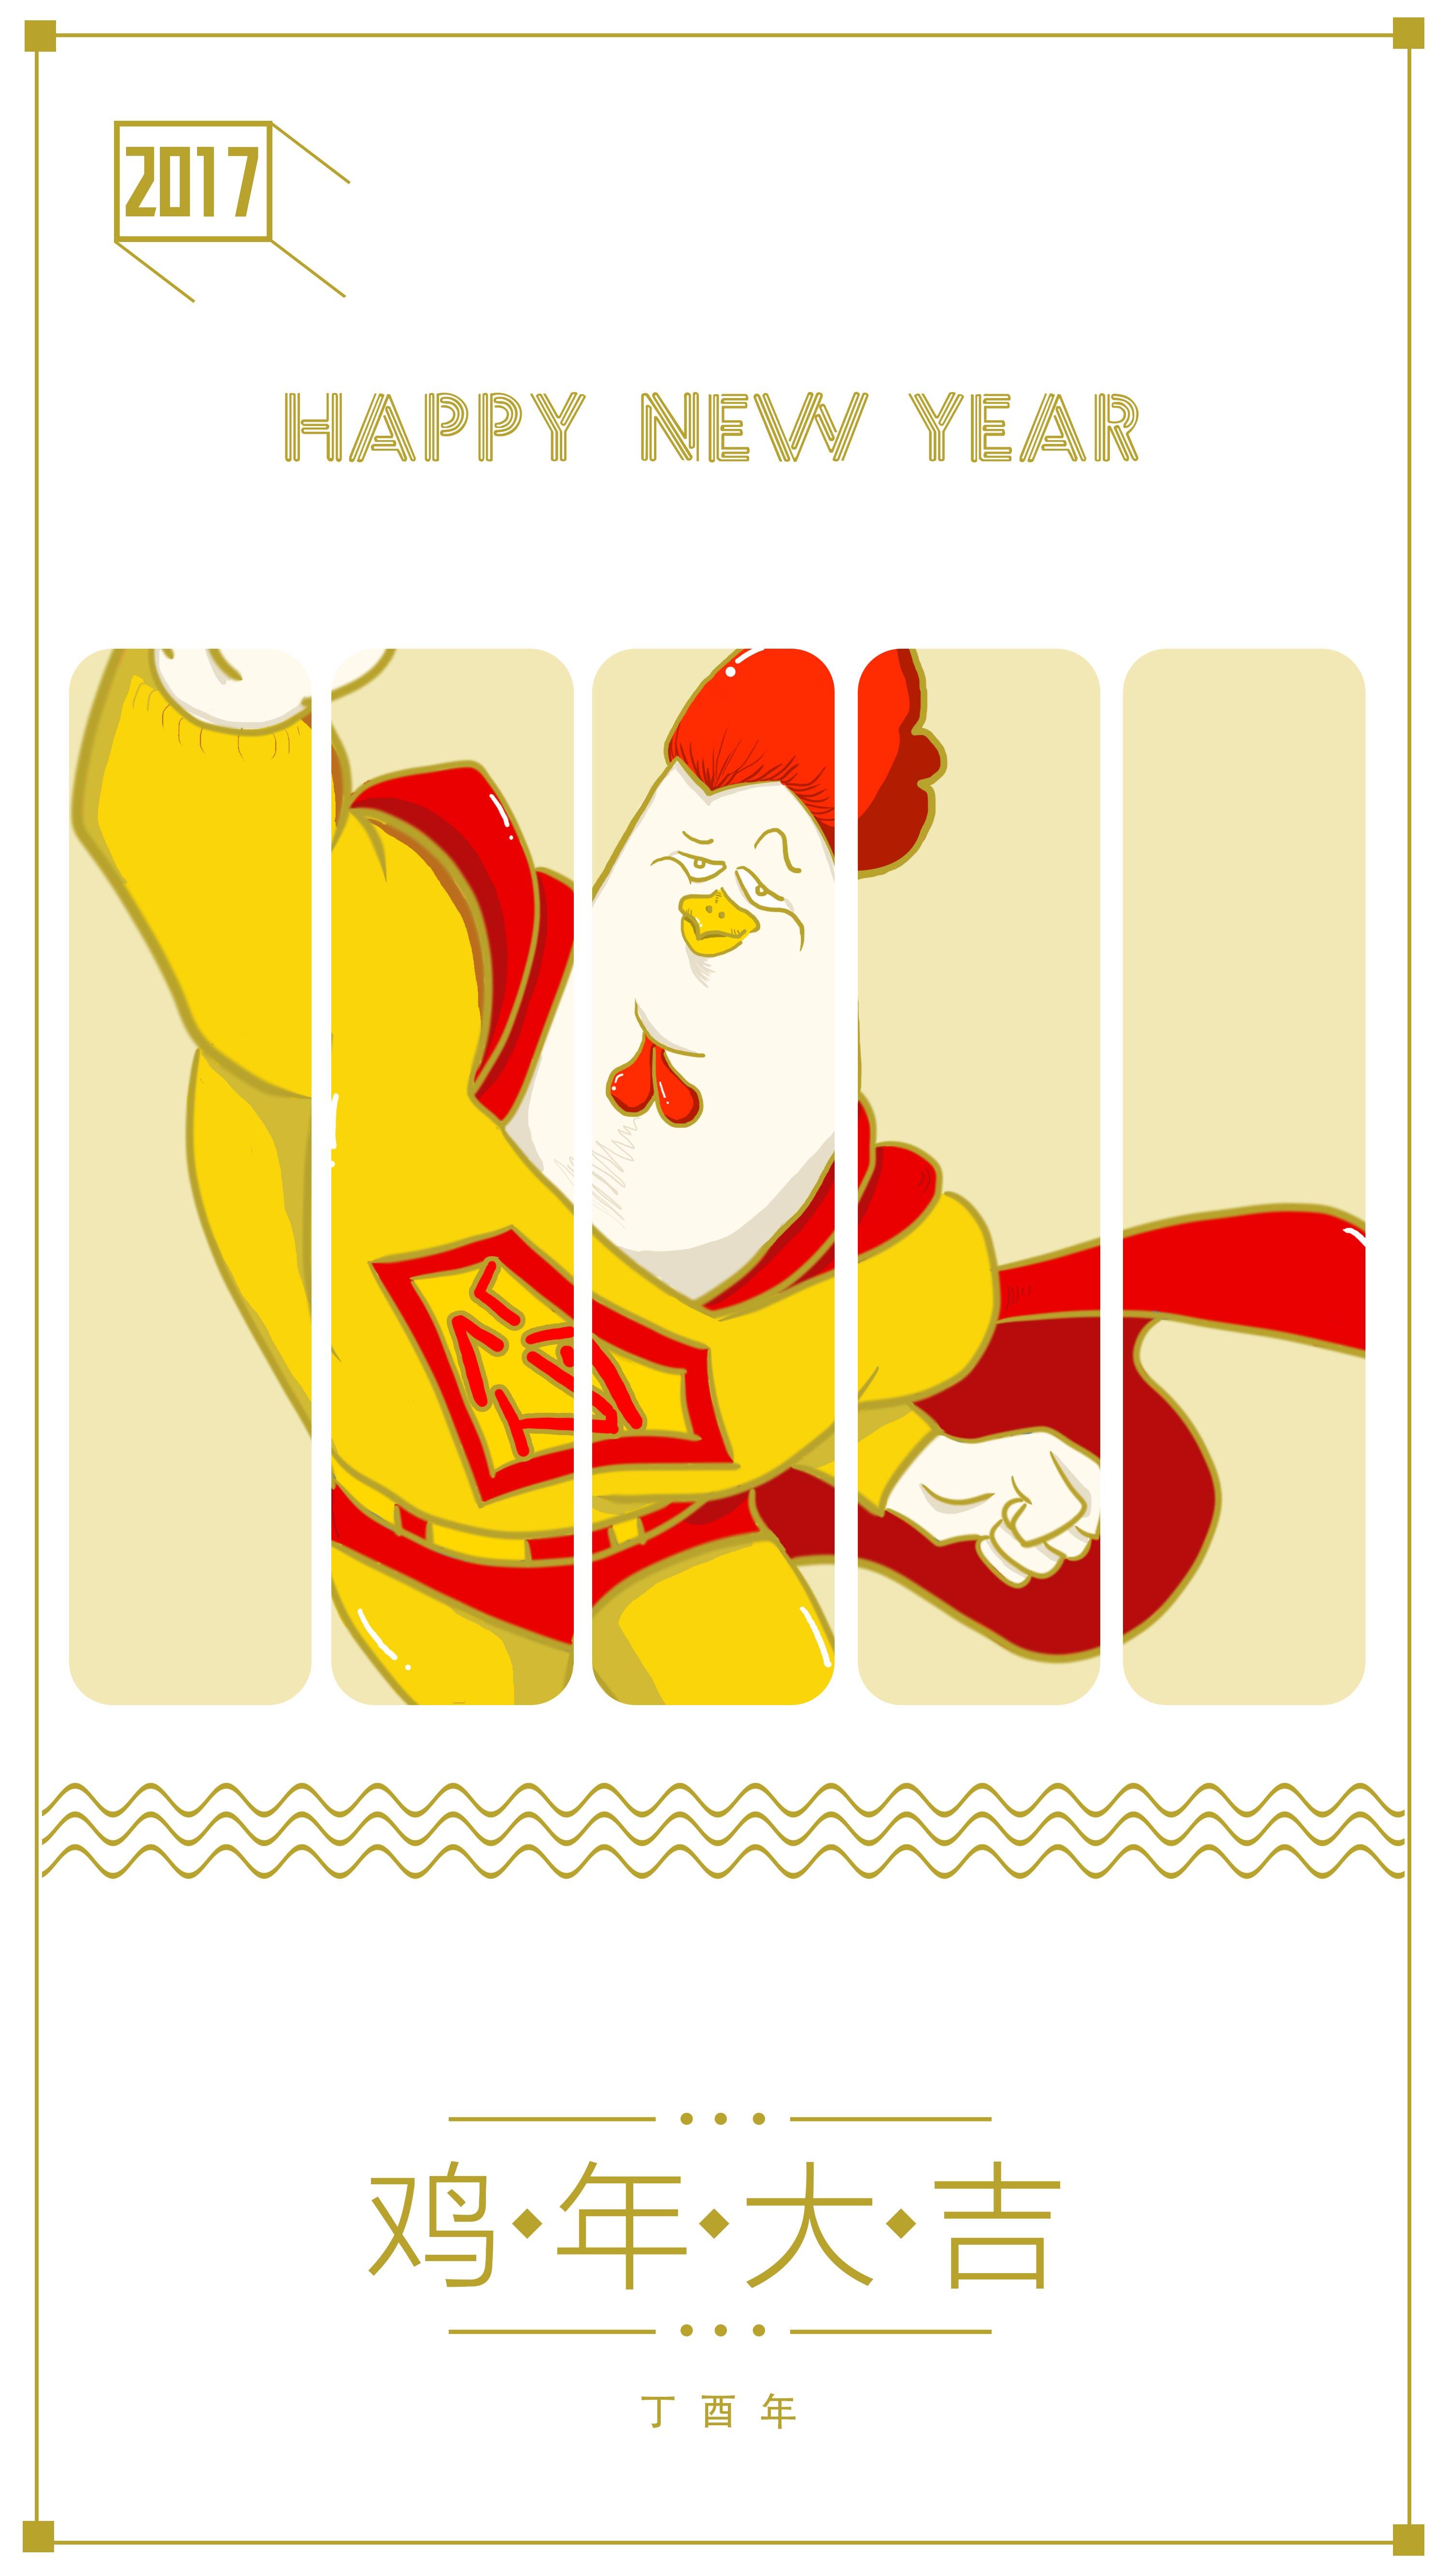 冷面侠鸡年手绘风手机壁纸